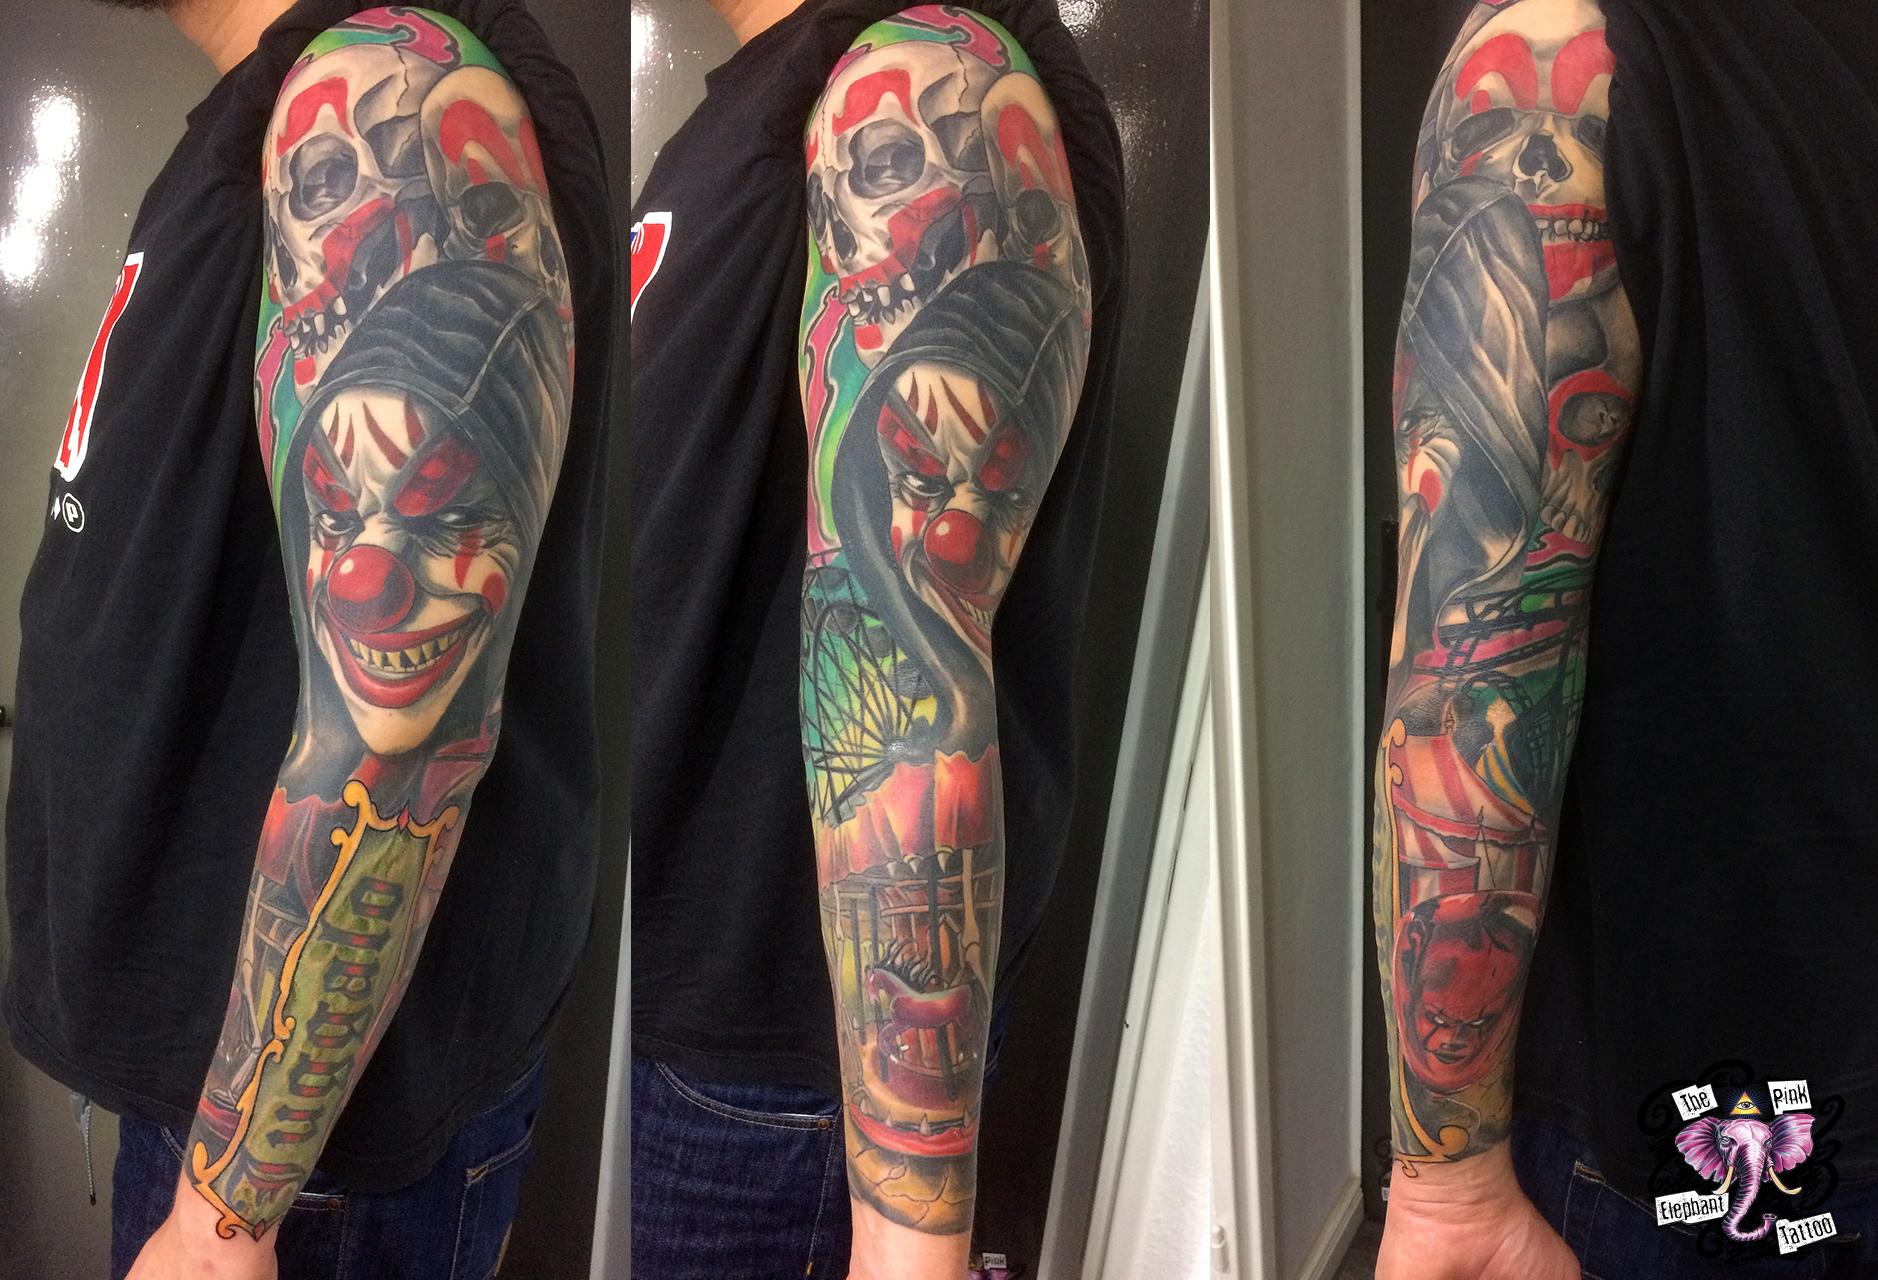 The Pink Elephant Tattoo - Jugalo